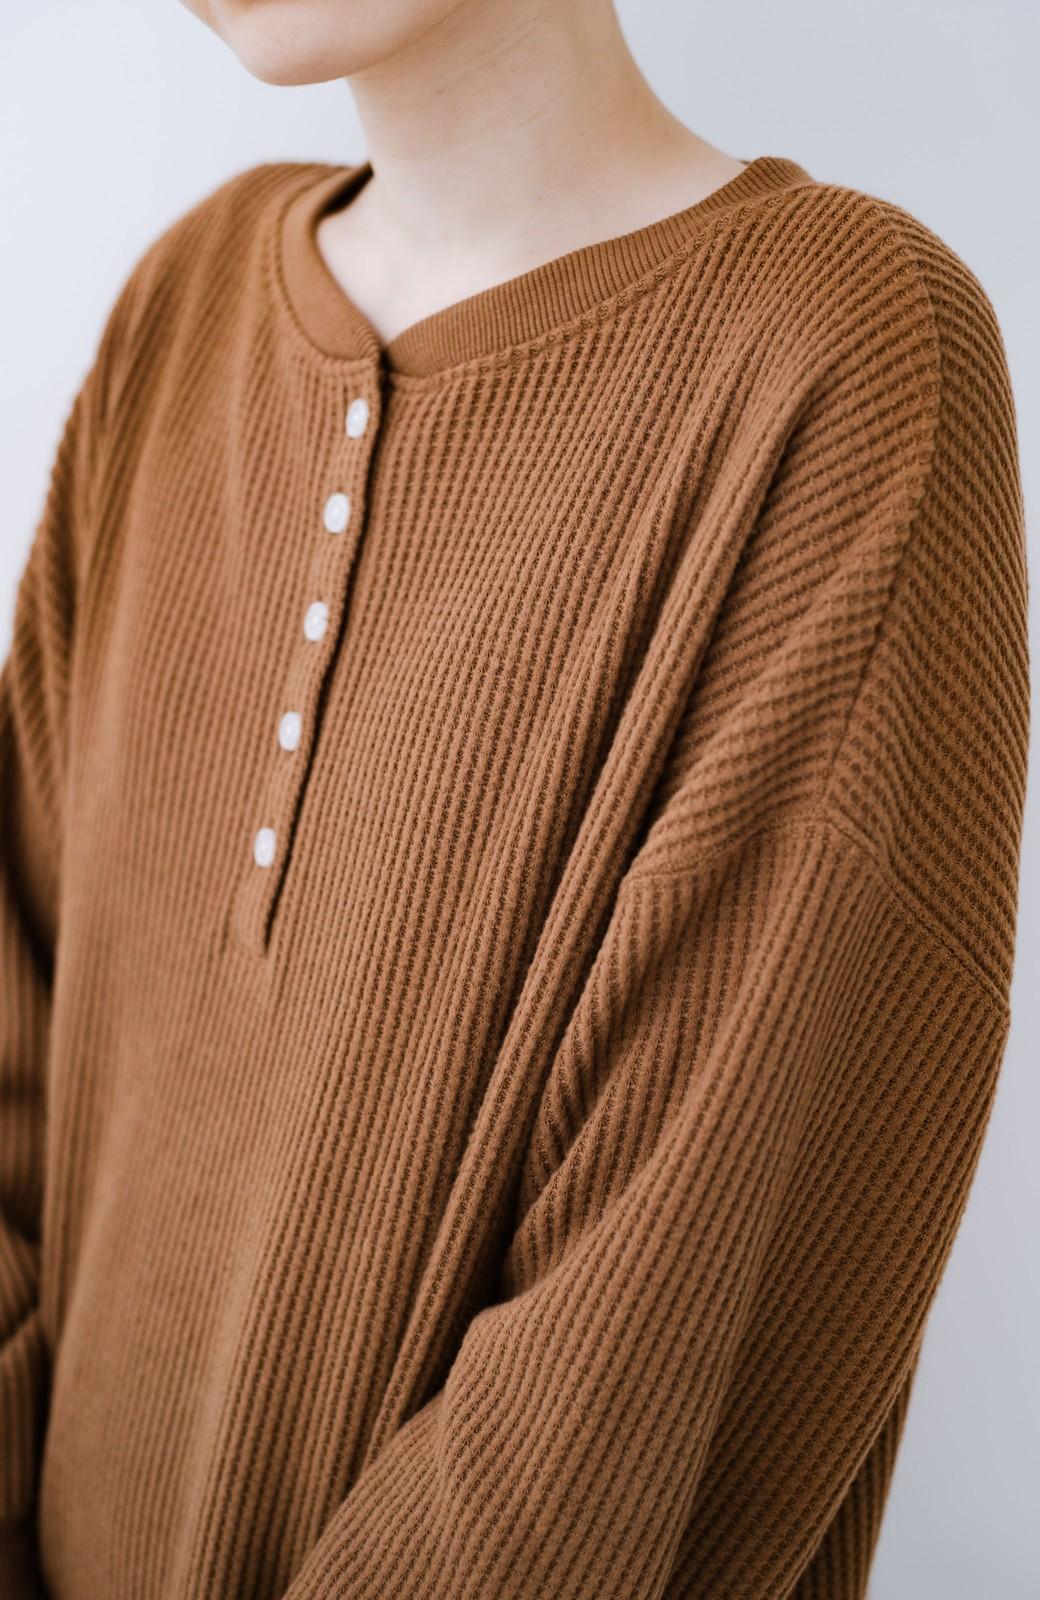 haco! 1枚で着ても重ね着しても楽しめる起毛ワッフルワンピース <キャメル>の商品写真4